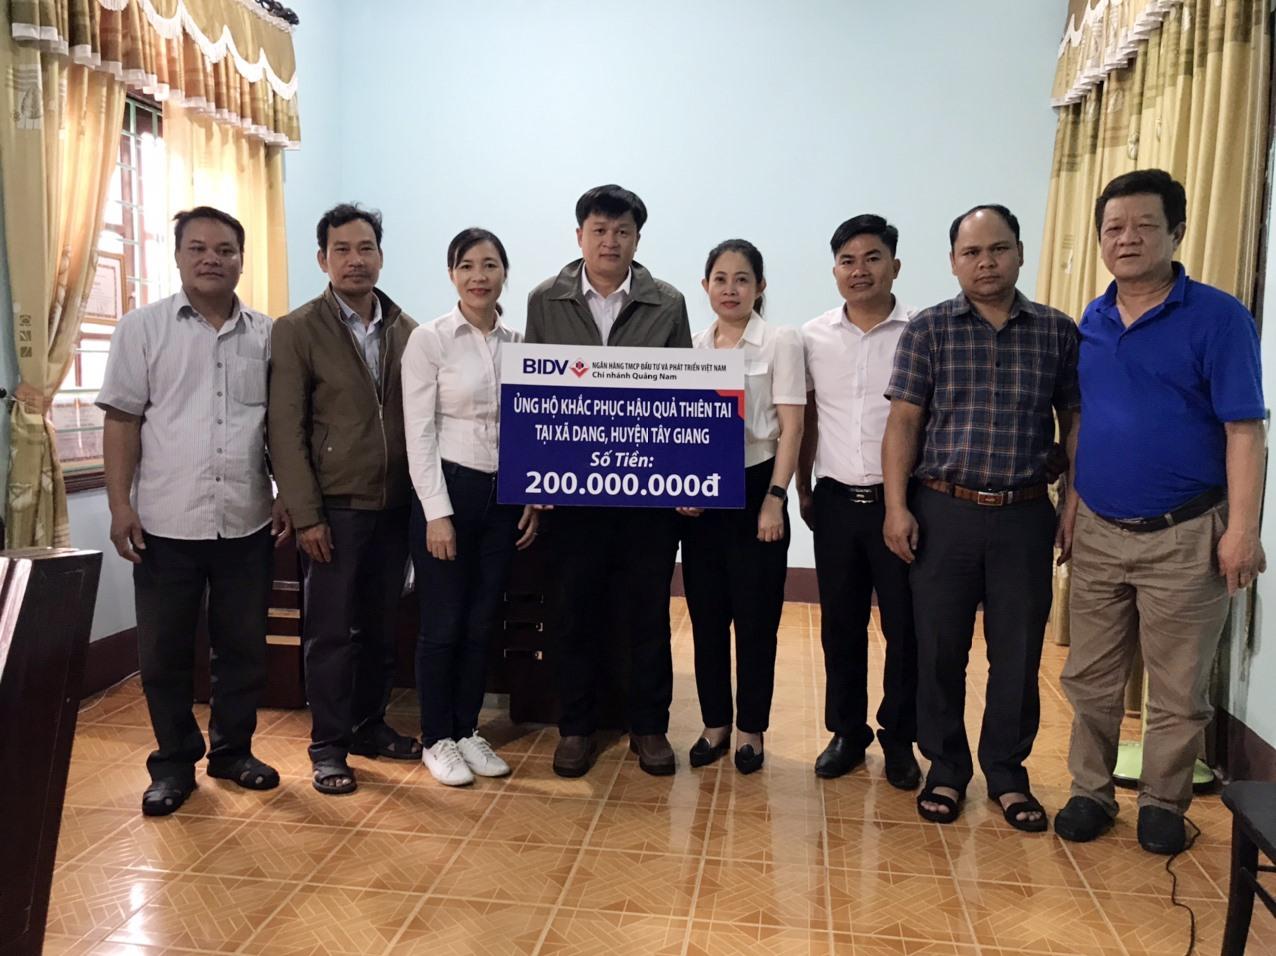 BIDV chi nhánh Quảng Nam tặng 31 suất quà trị giá 200 triệu đồng giúp người dân xã Dang (huyện Tây Giang) sửa chữa nhà ở. Ảnh: V.N